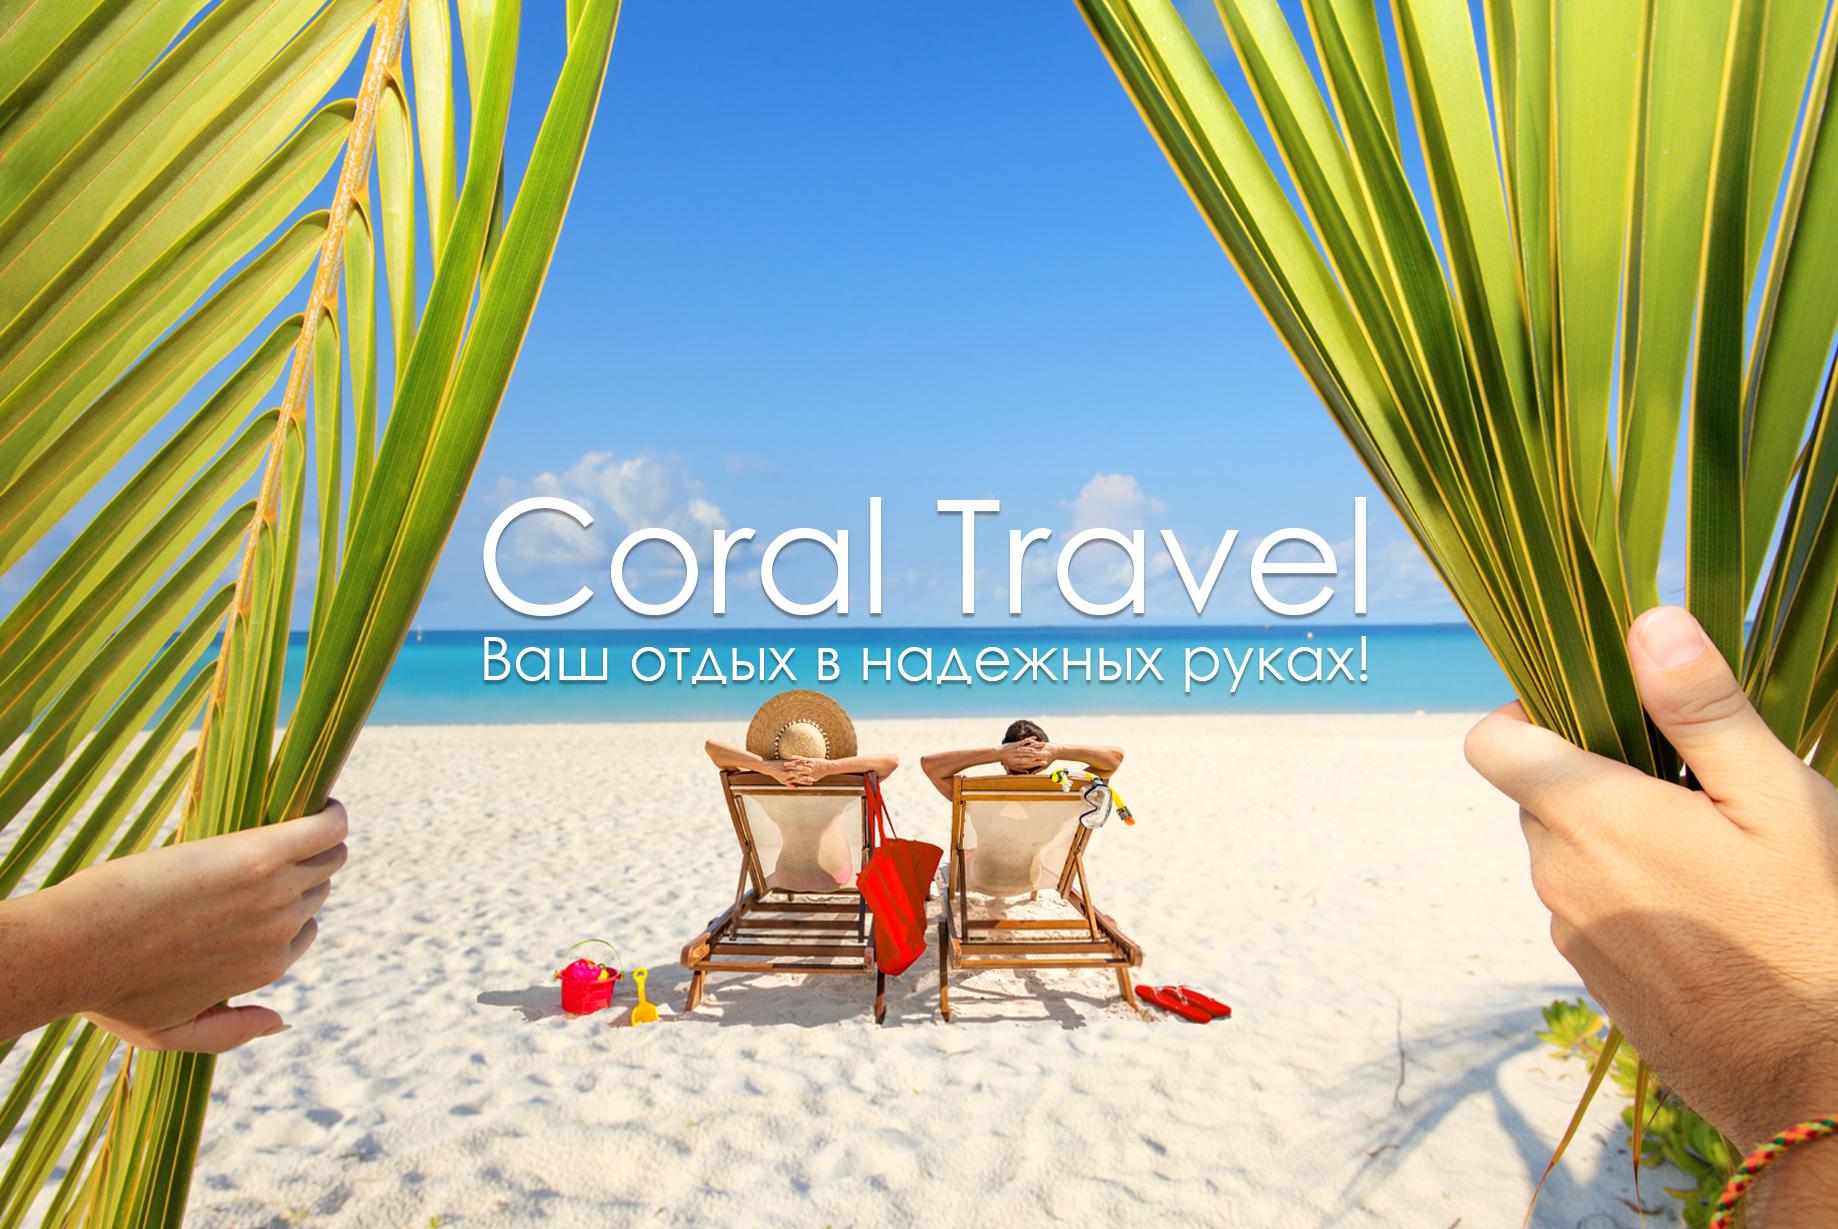 Coral Travel - ваш відпочинок в надійних руках